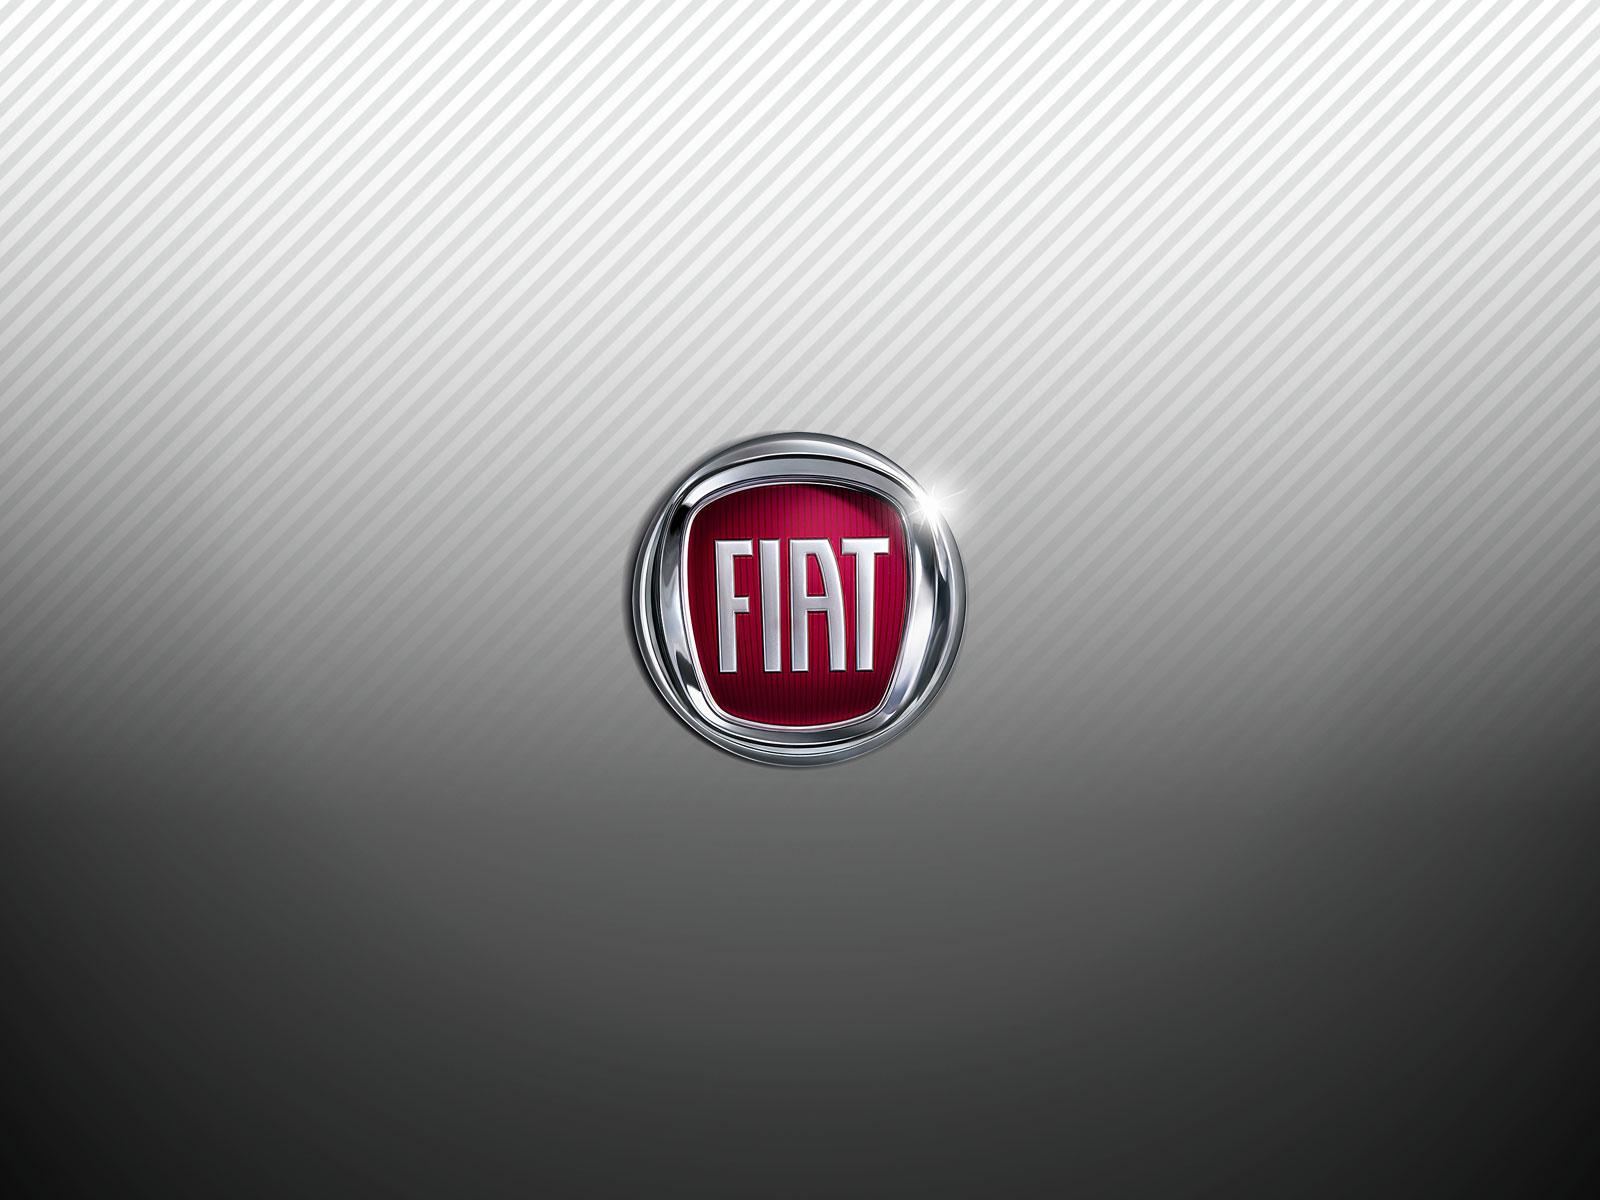 Fiat logo wallpapers HD